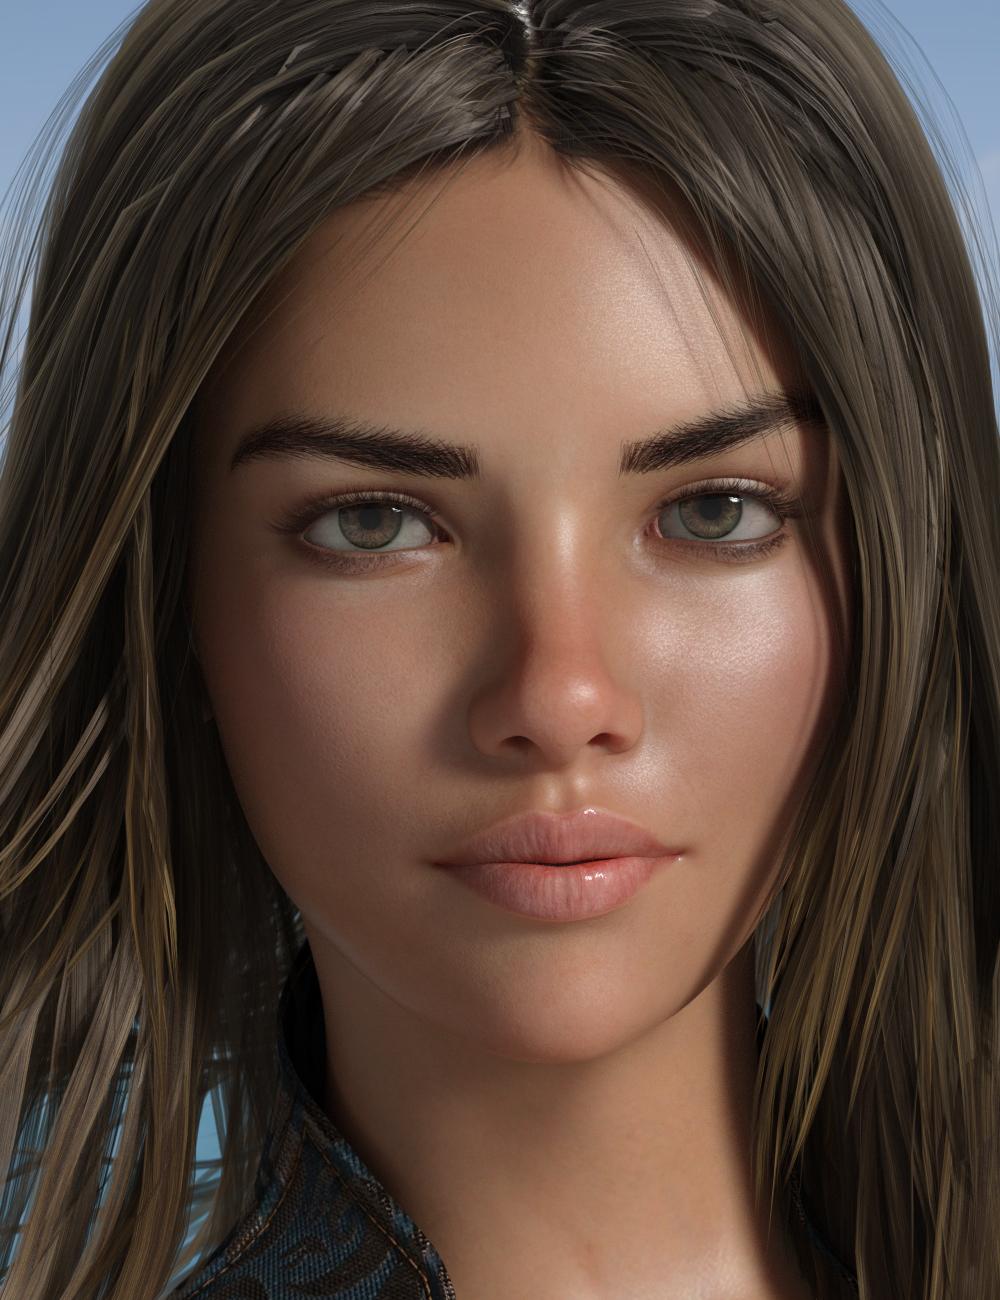 P3D Saskia HD for Genesis 8 Female(s) by: P3Design, 3D Models by Daz 3D